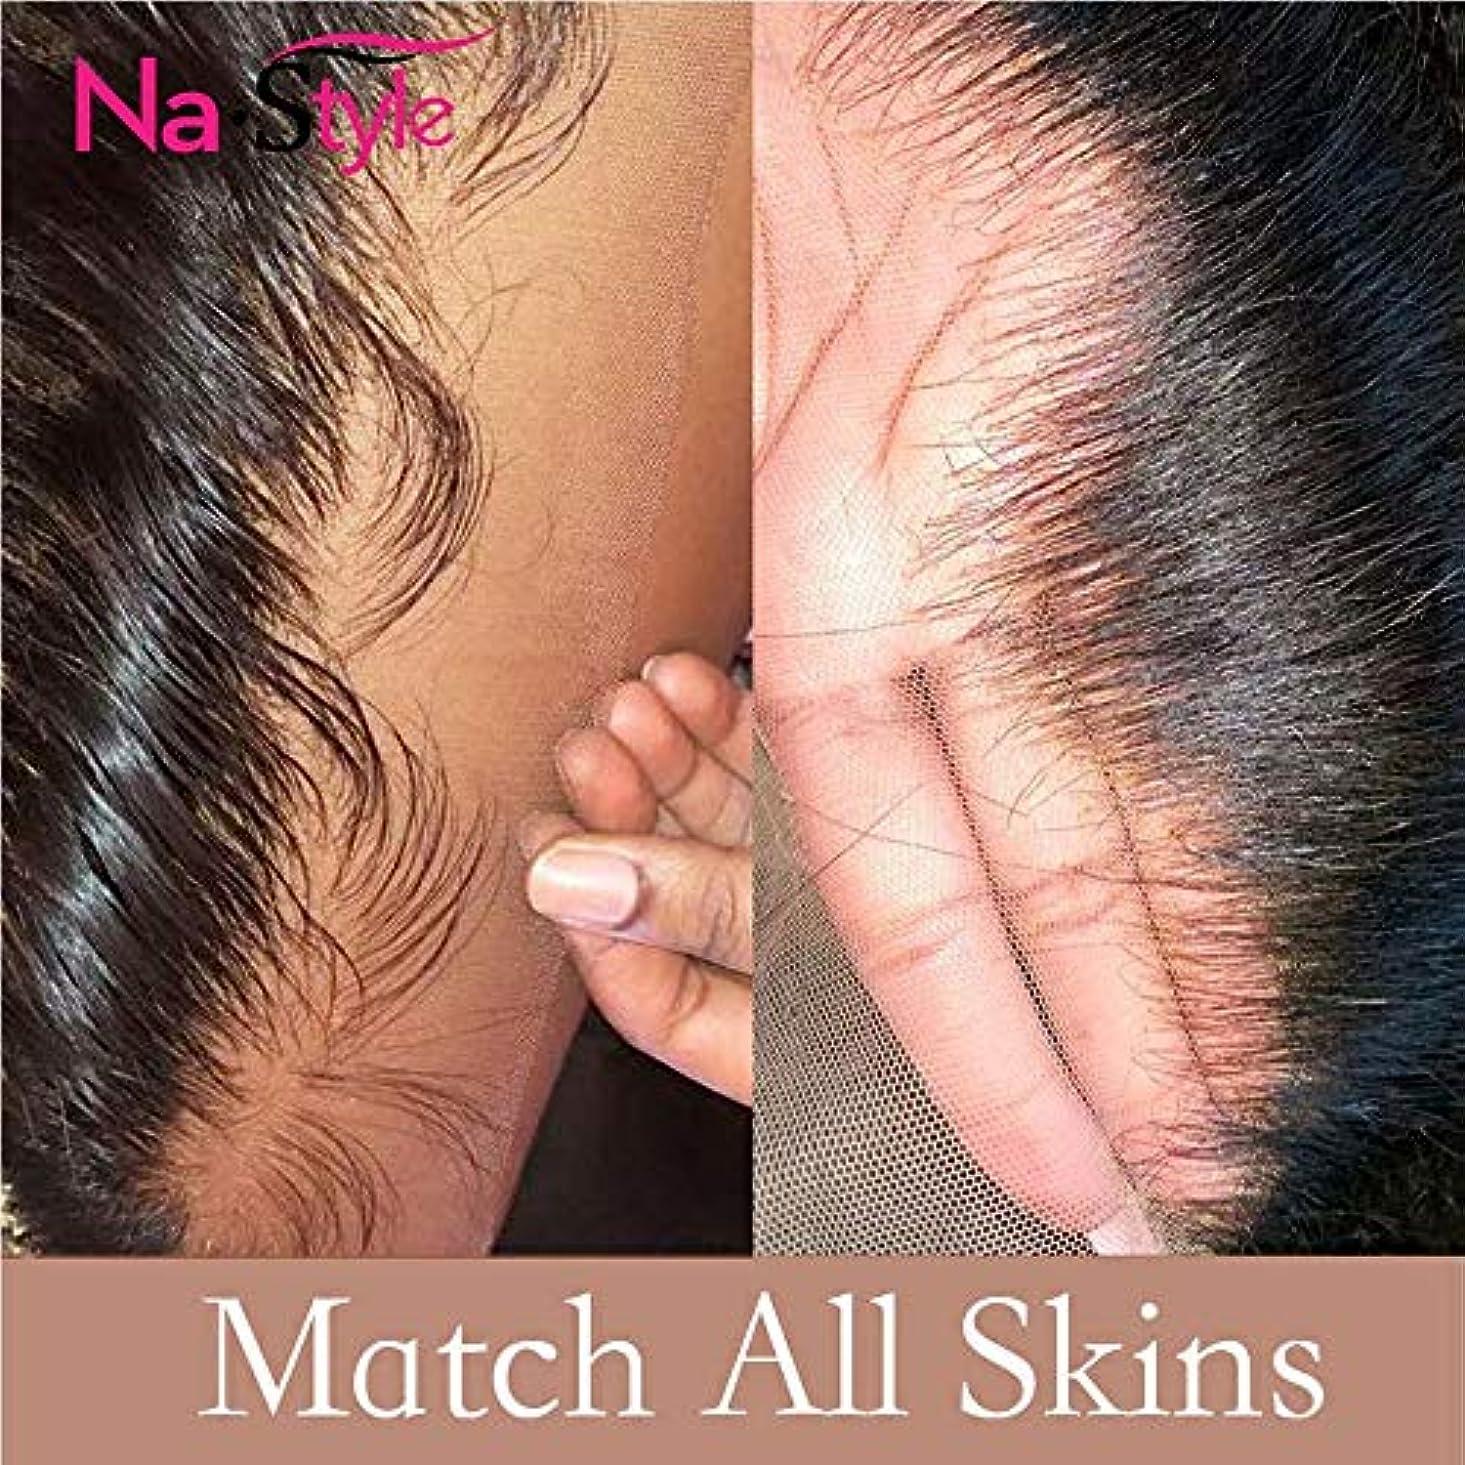 観察ストレスの多いスモッグ美しく HD透明なレースのかつらショート人毛ウィッグボブ13x6レースフロントウィッグスキンメルトレースフロントウィッグ人毛のために黒人女性レミー (Stretched Length : 8inches)